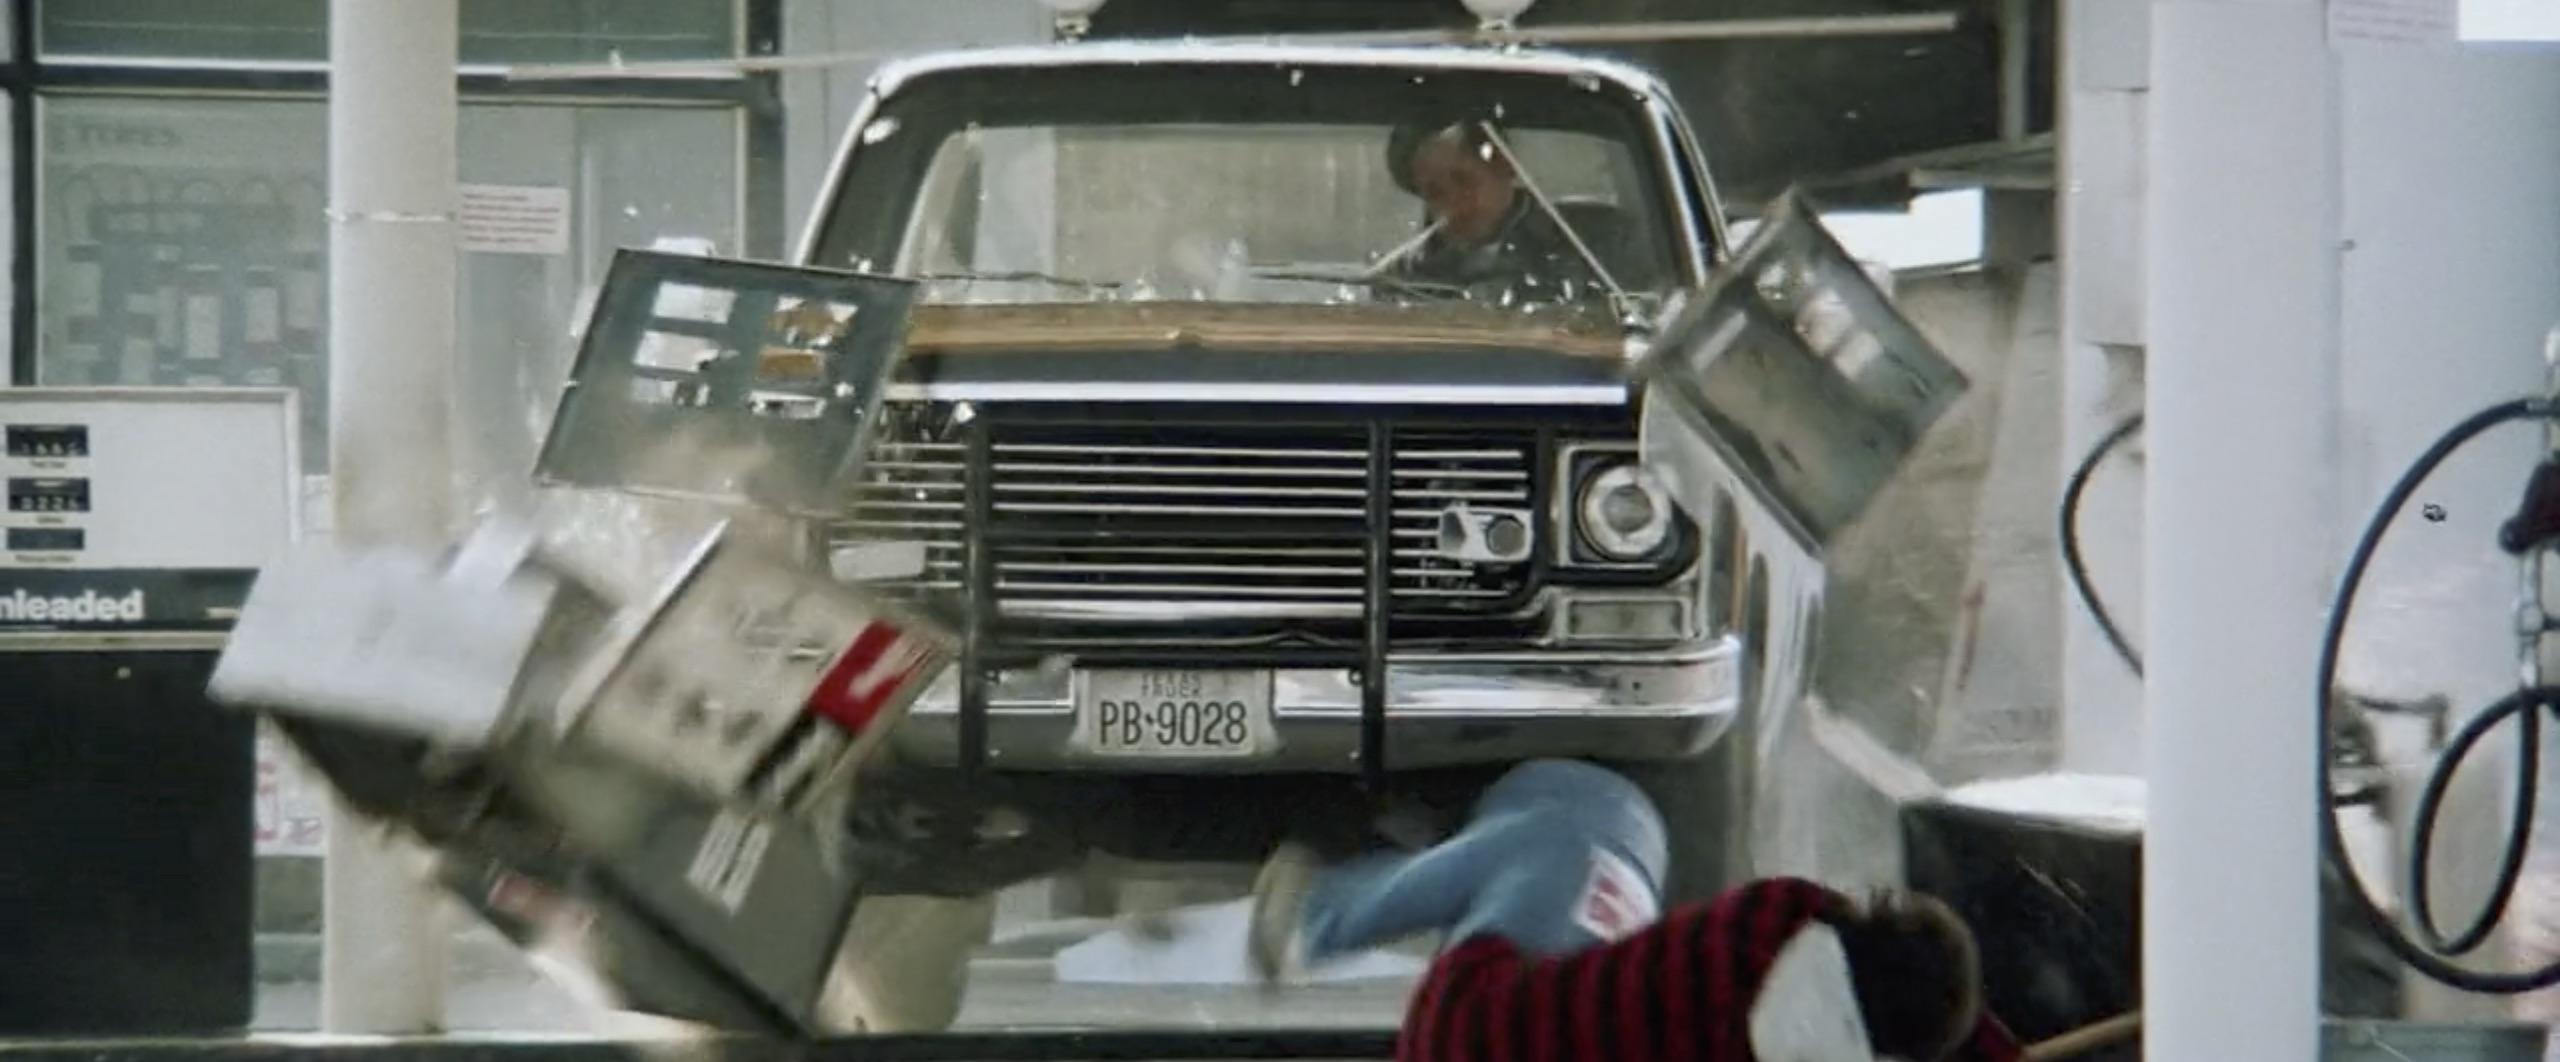 Hitcher running through gas station